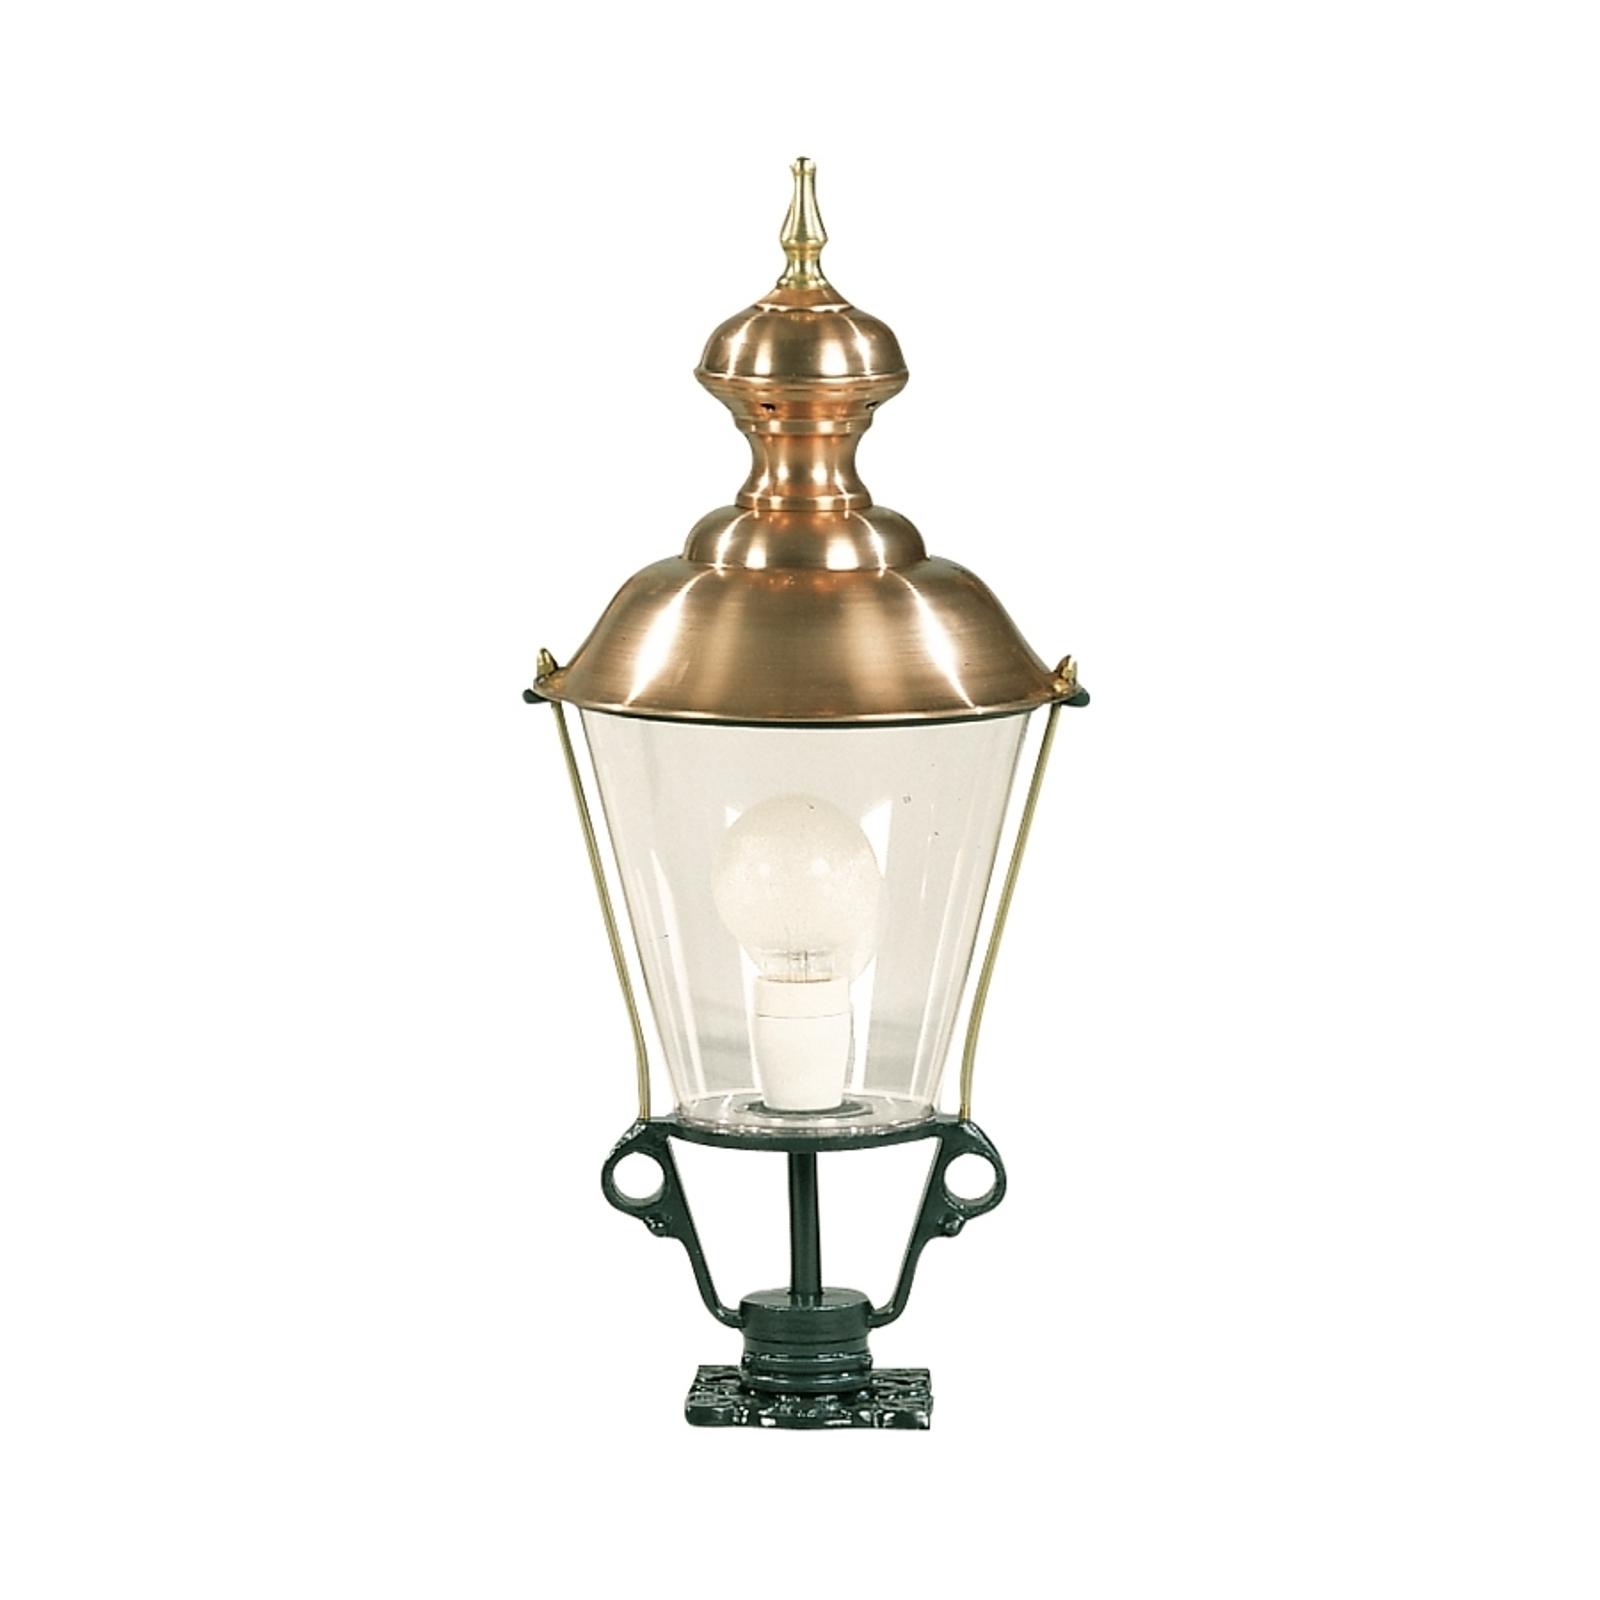 Luminaire pour socle K43 vert hauteur 61 cm